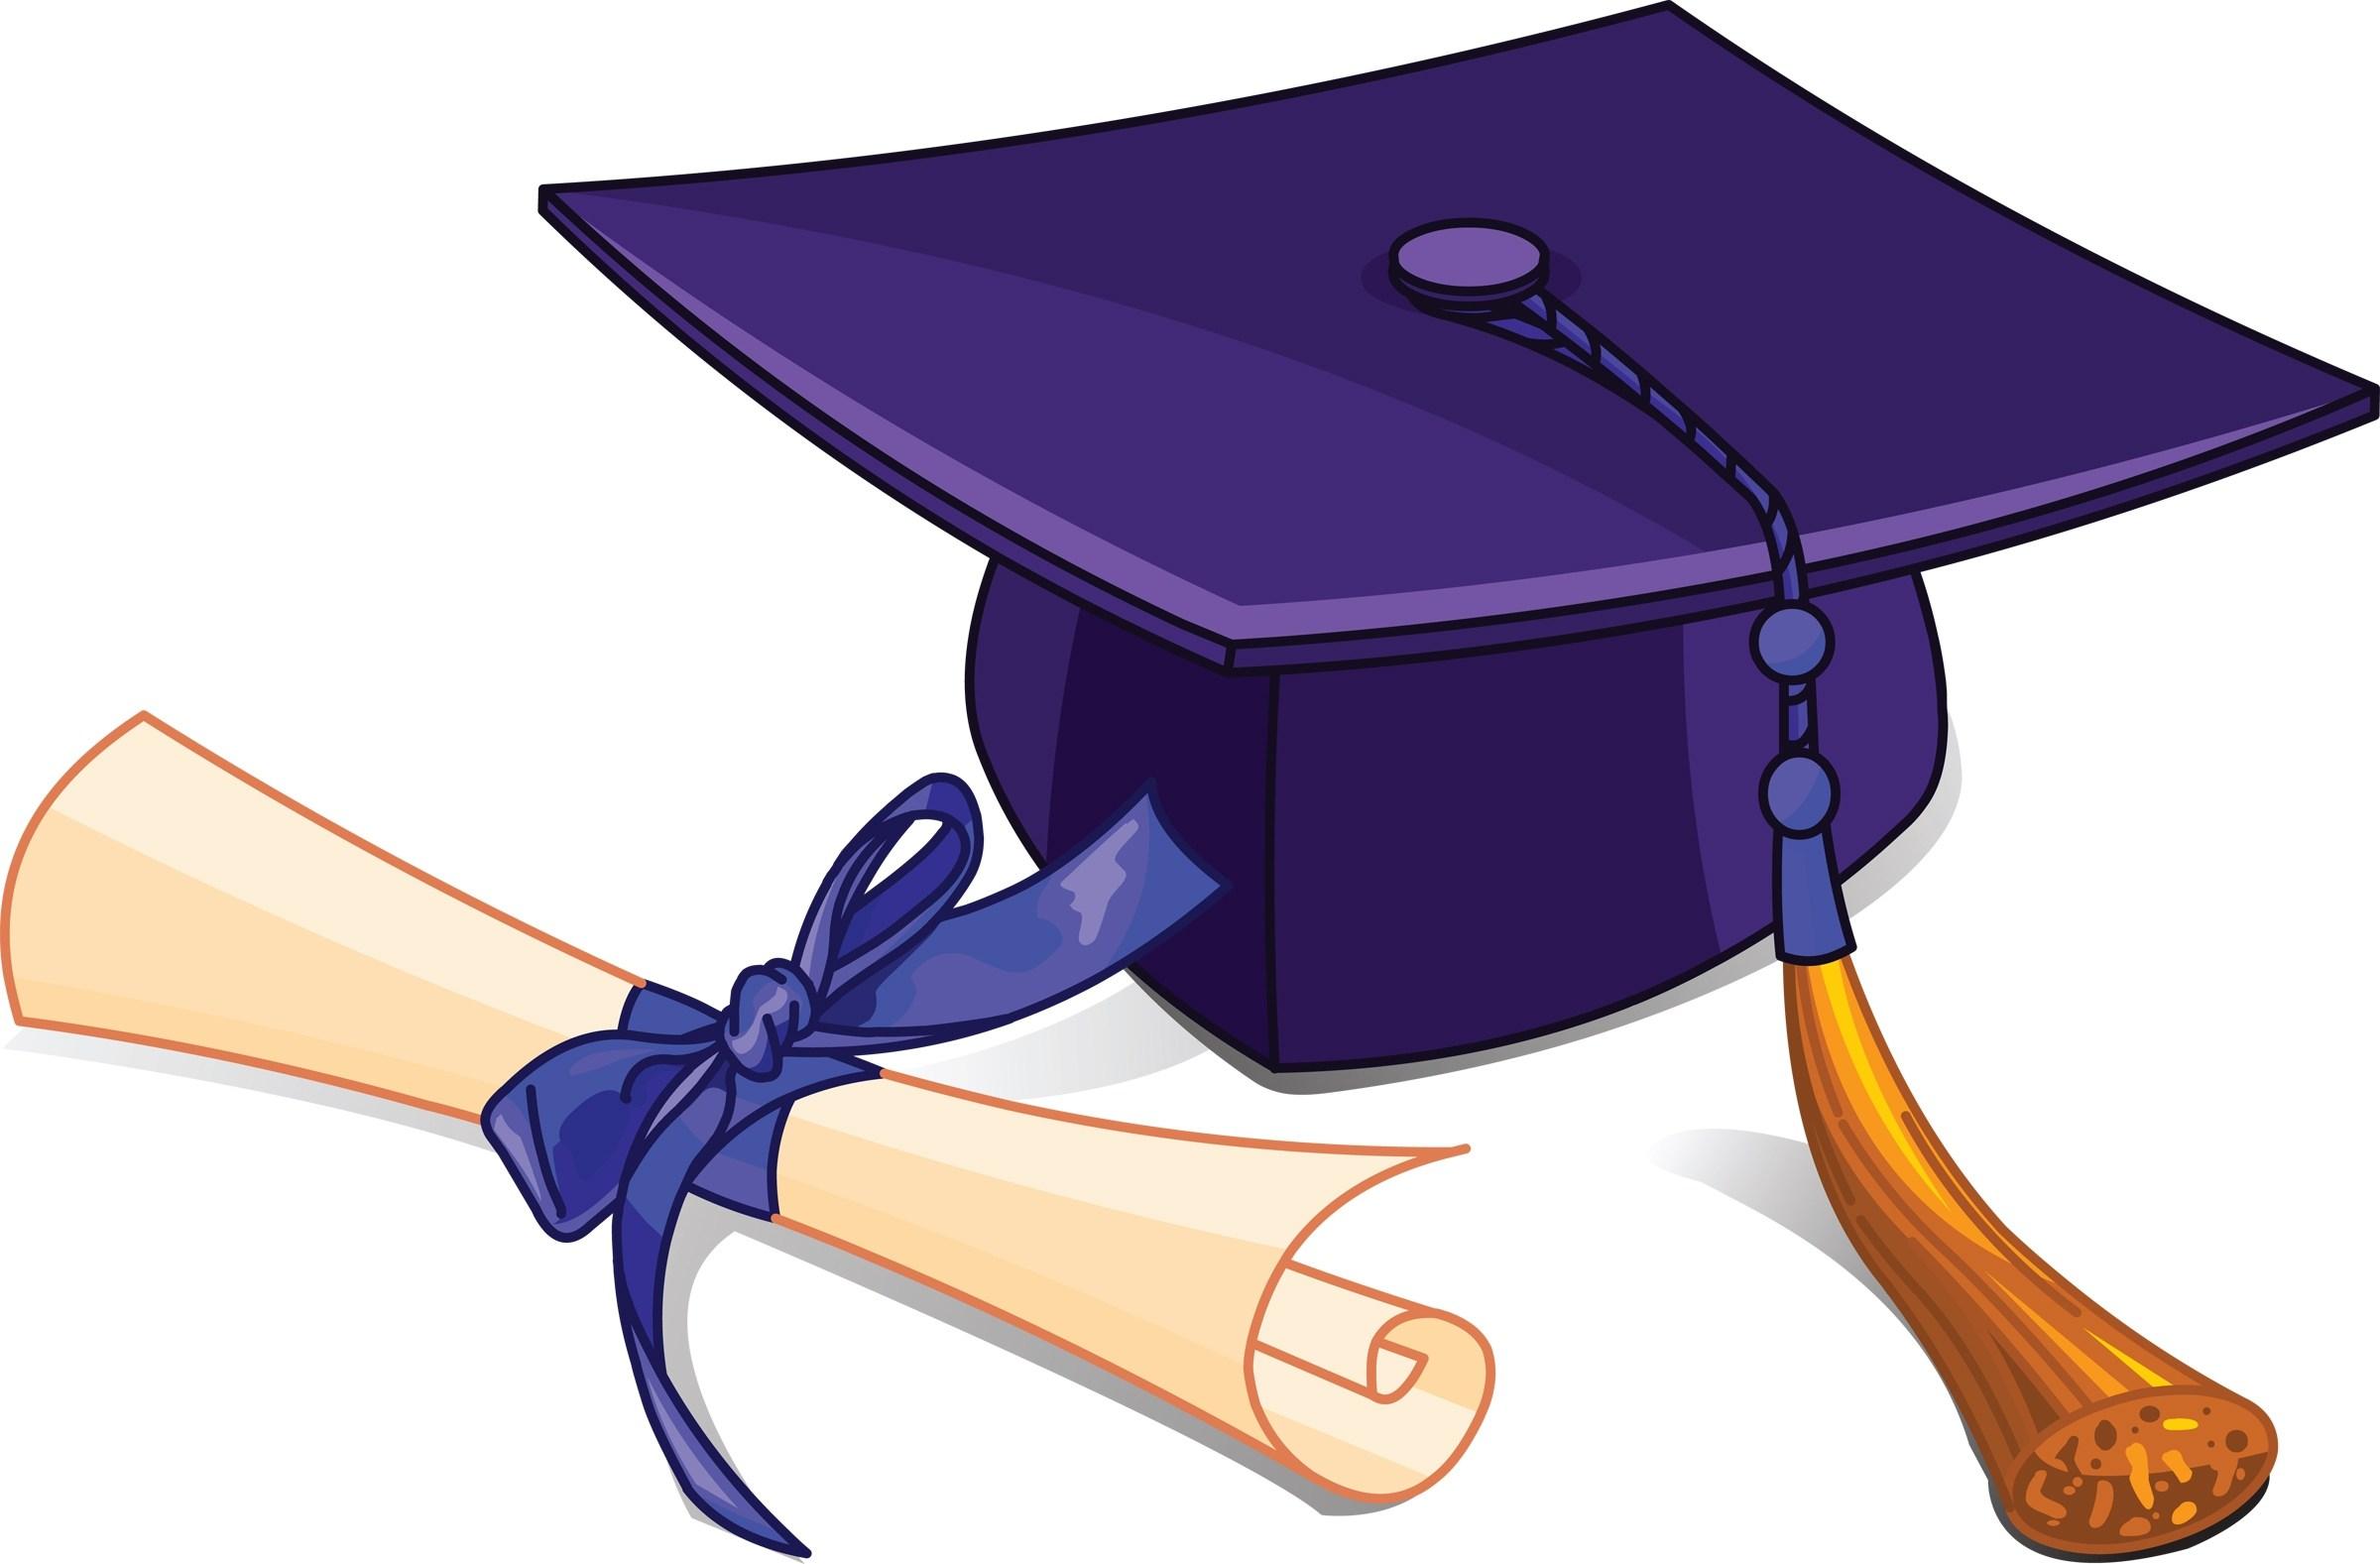 Graduation Cap Clipart at GetDrawings.com.